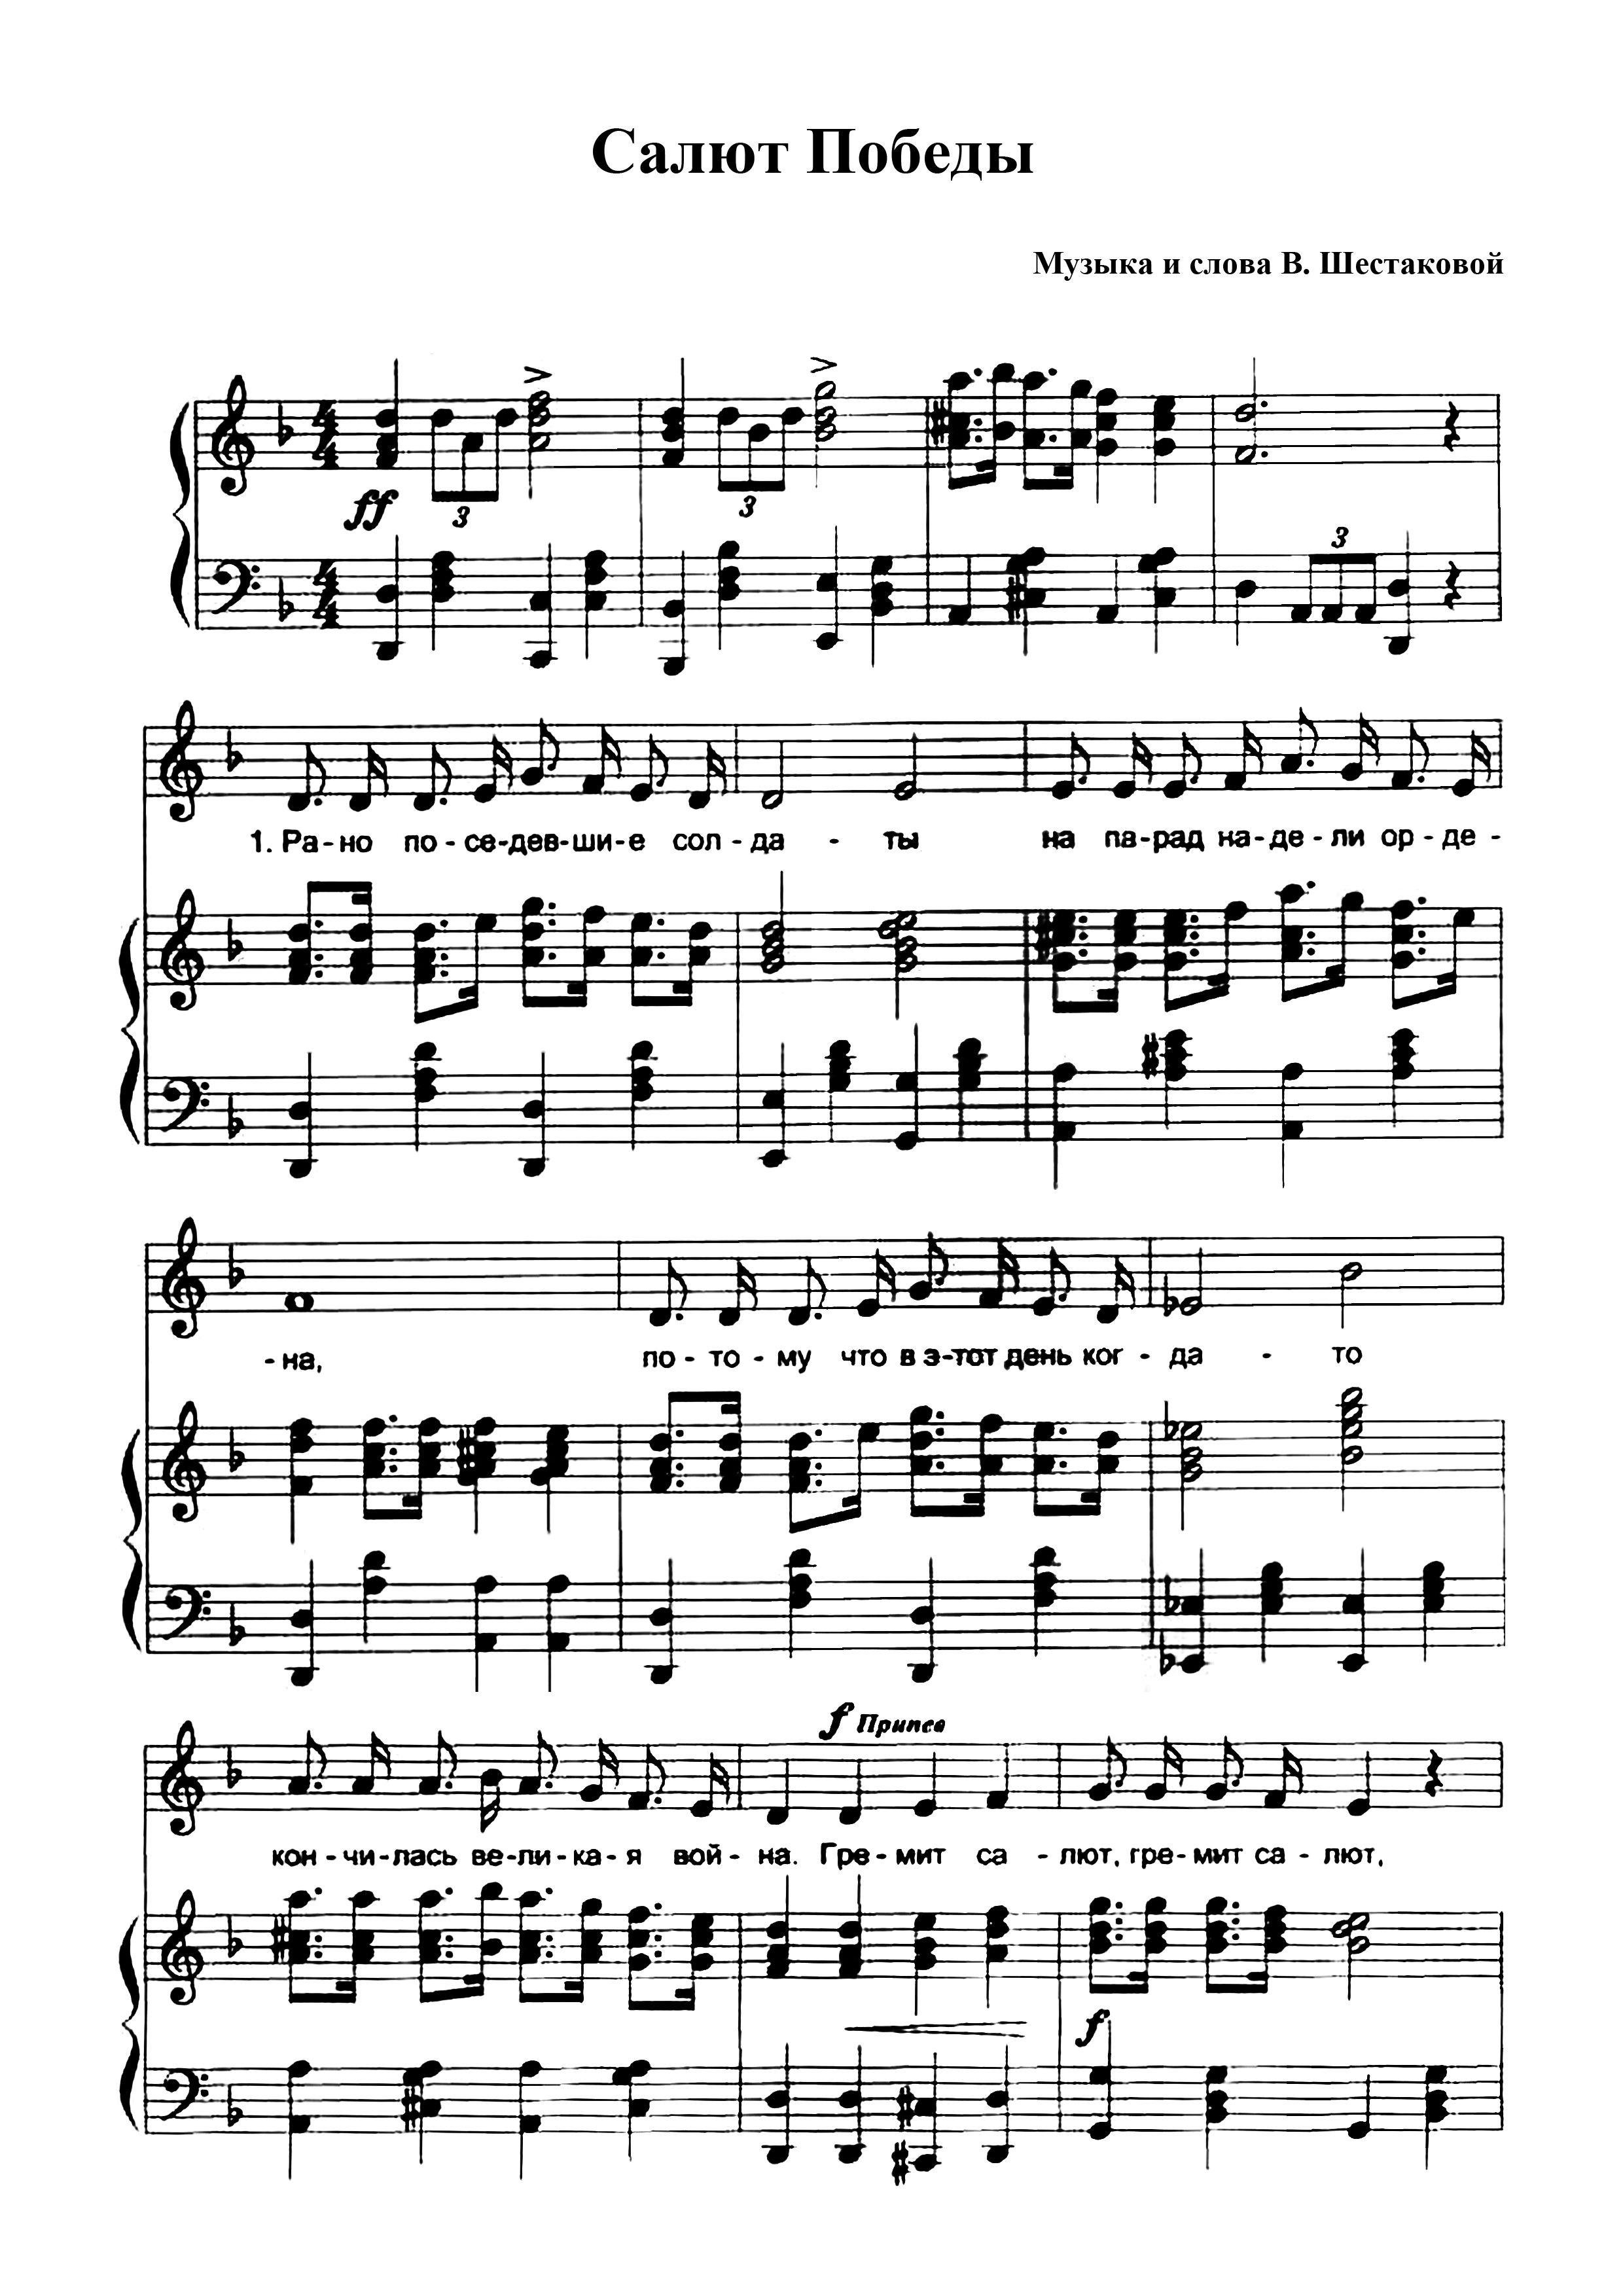 Ноты в полном размере лист 1 и лист 2